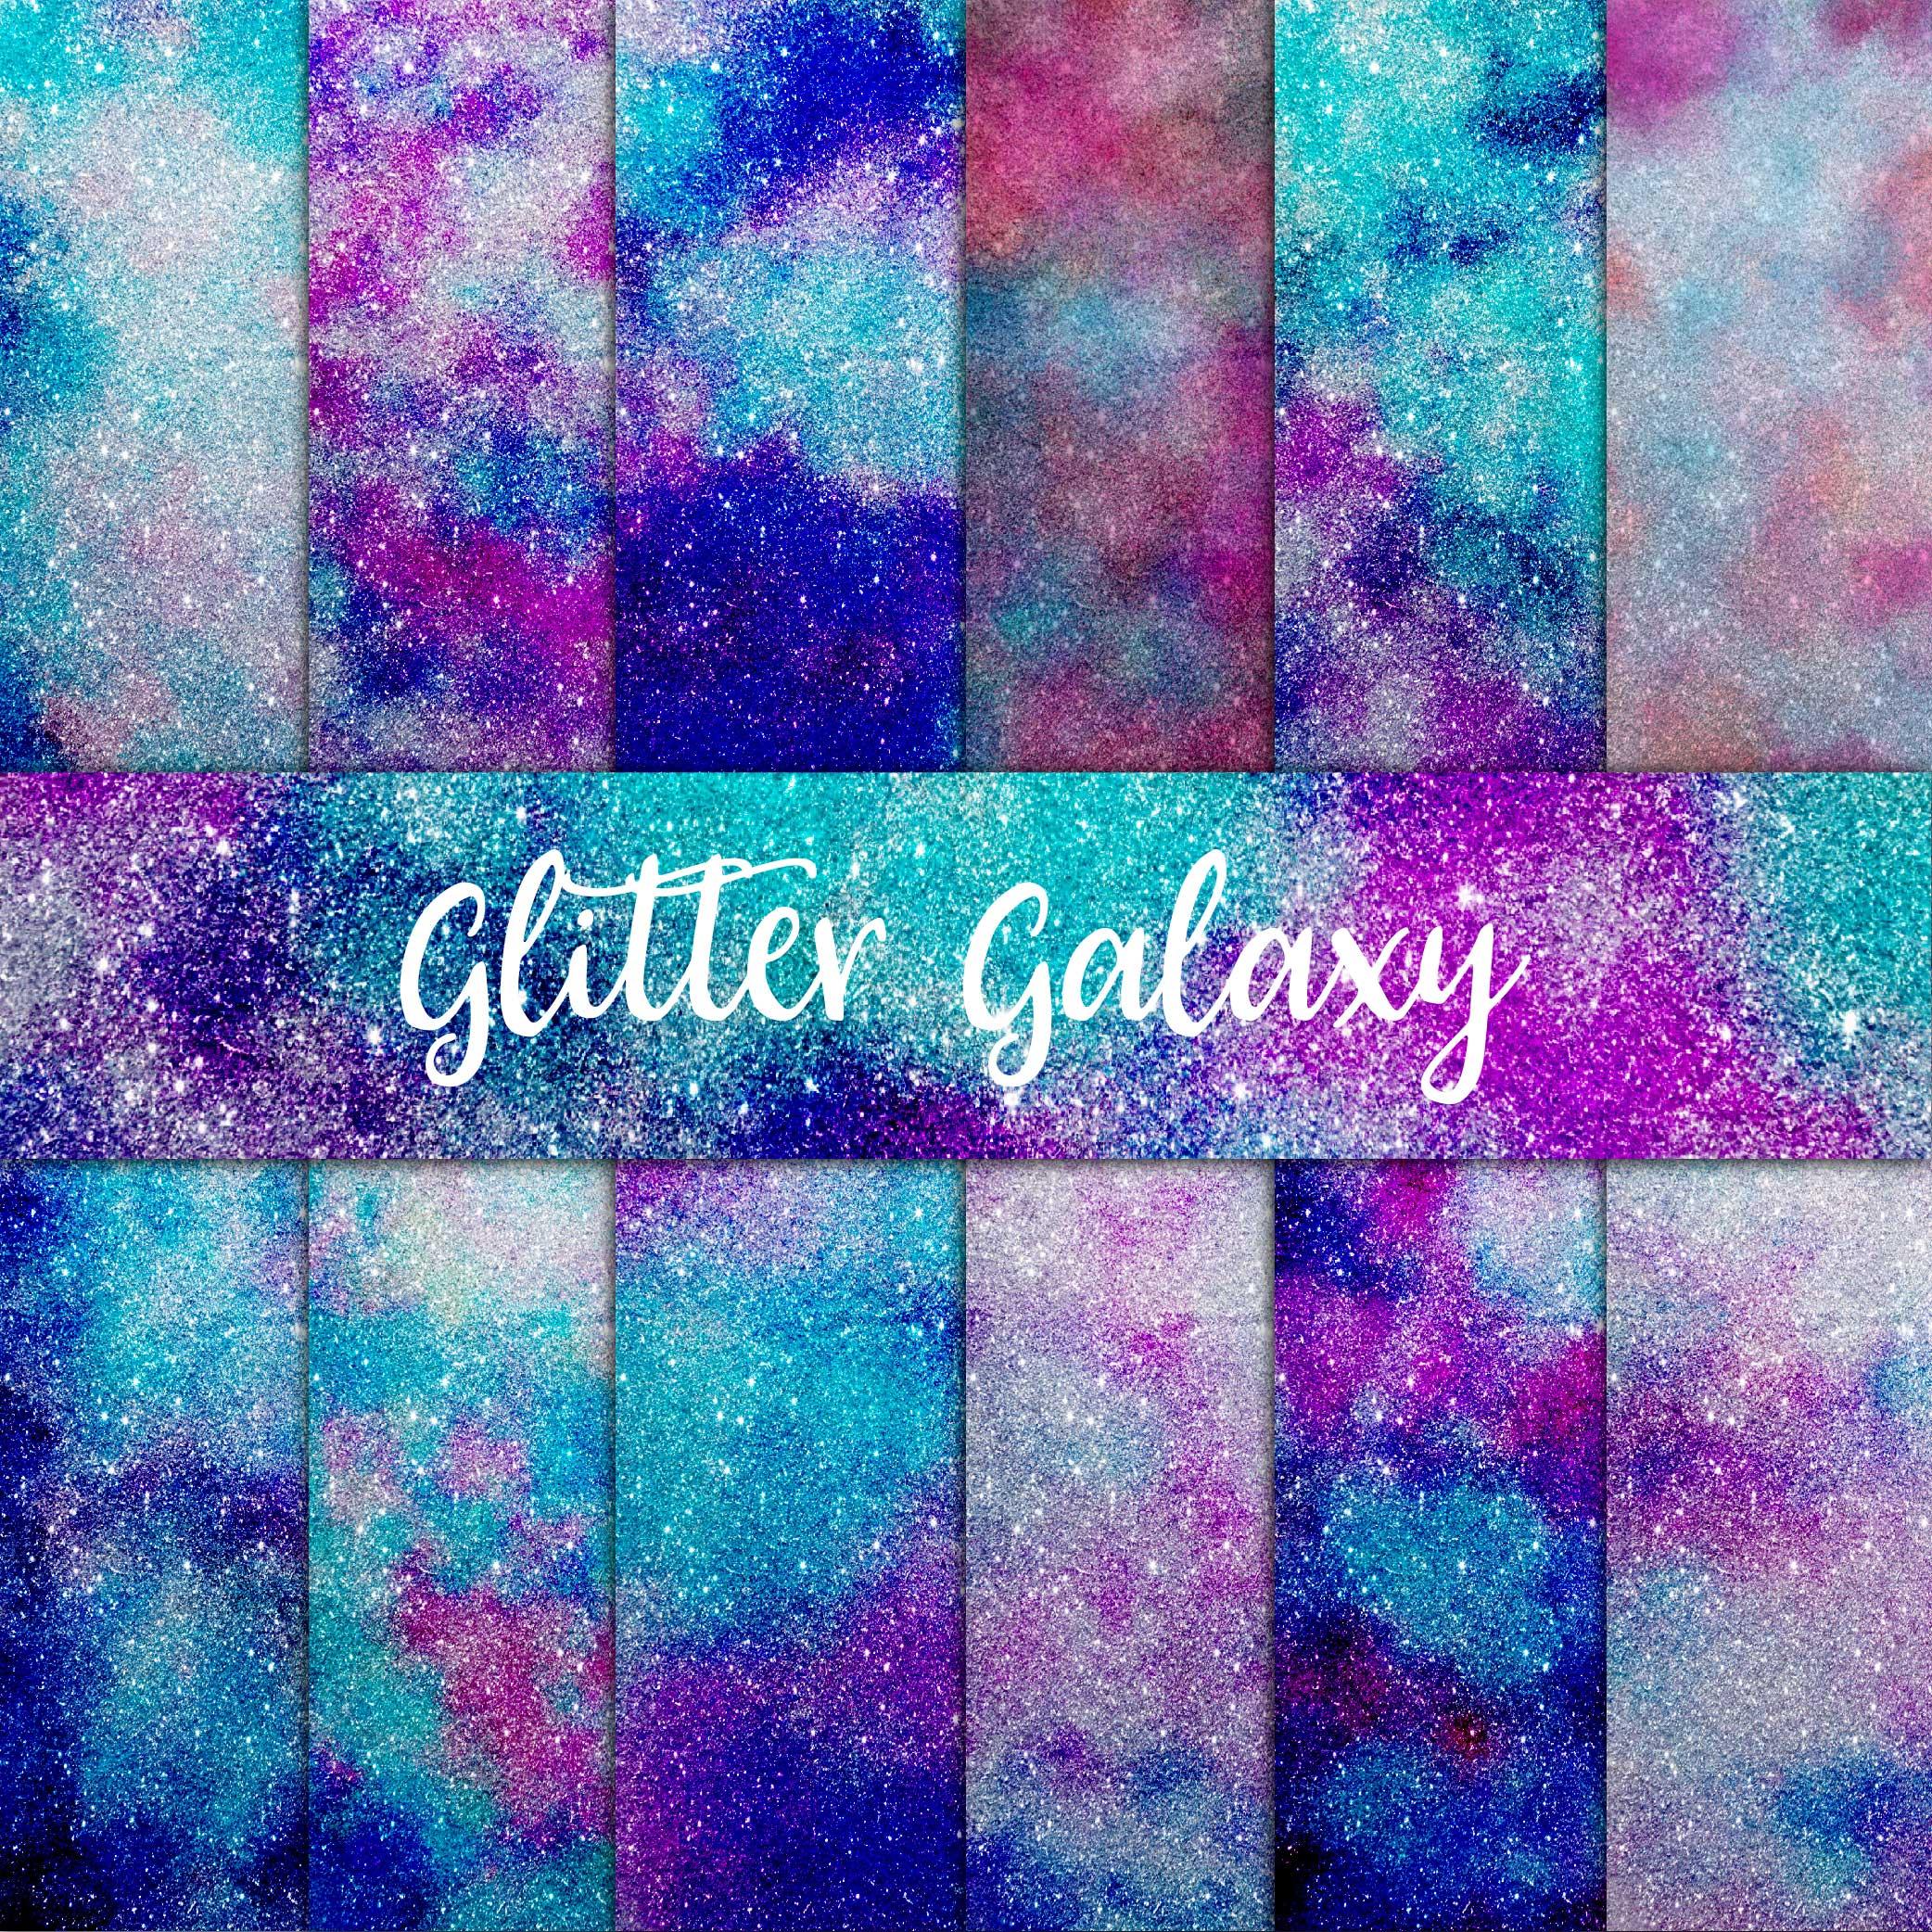 Galaxy Glitter Digital Paper